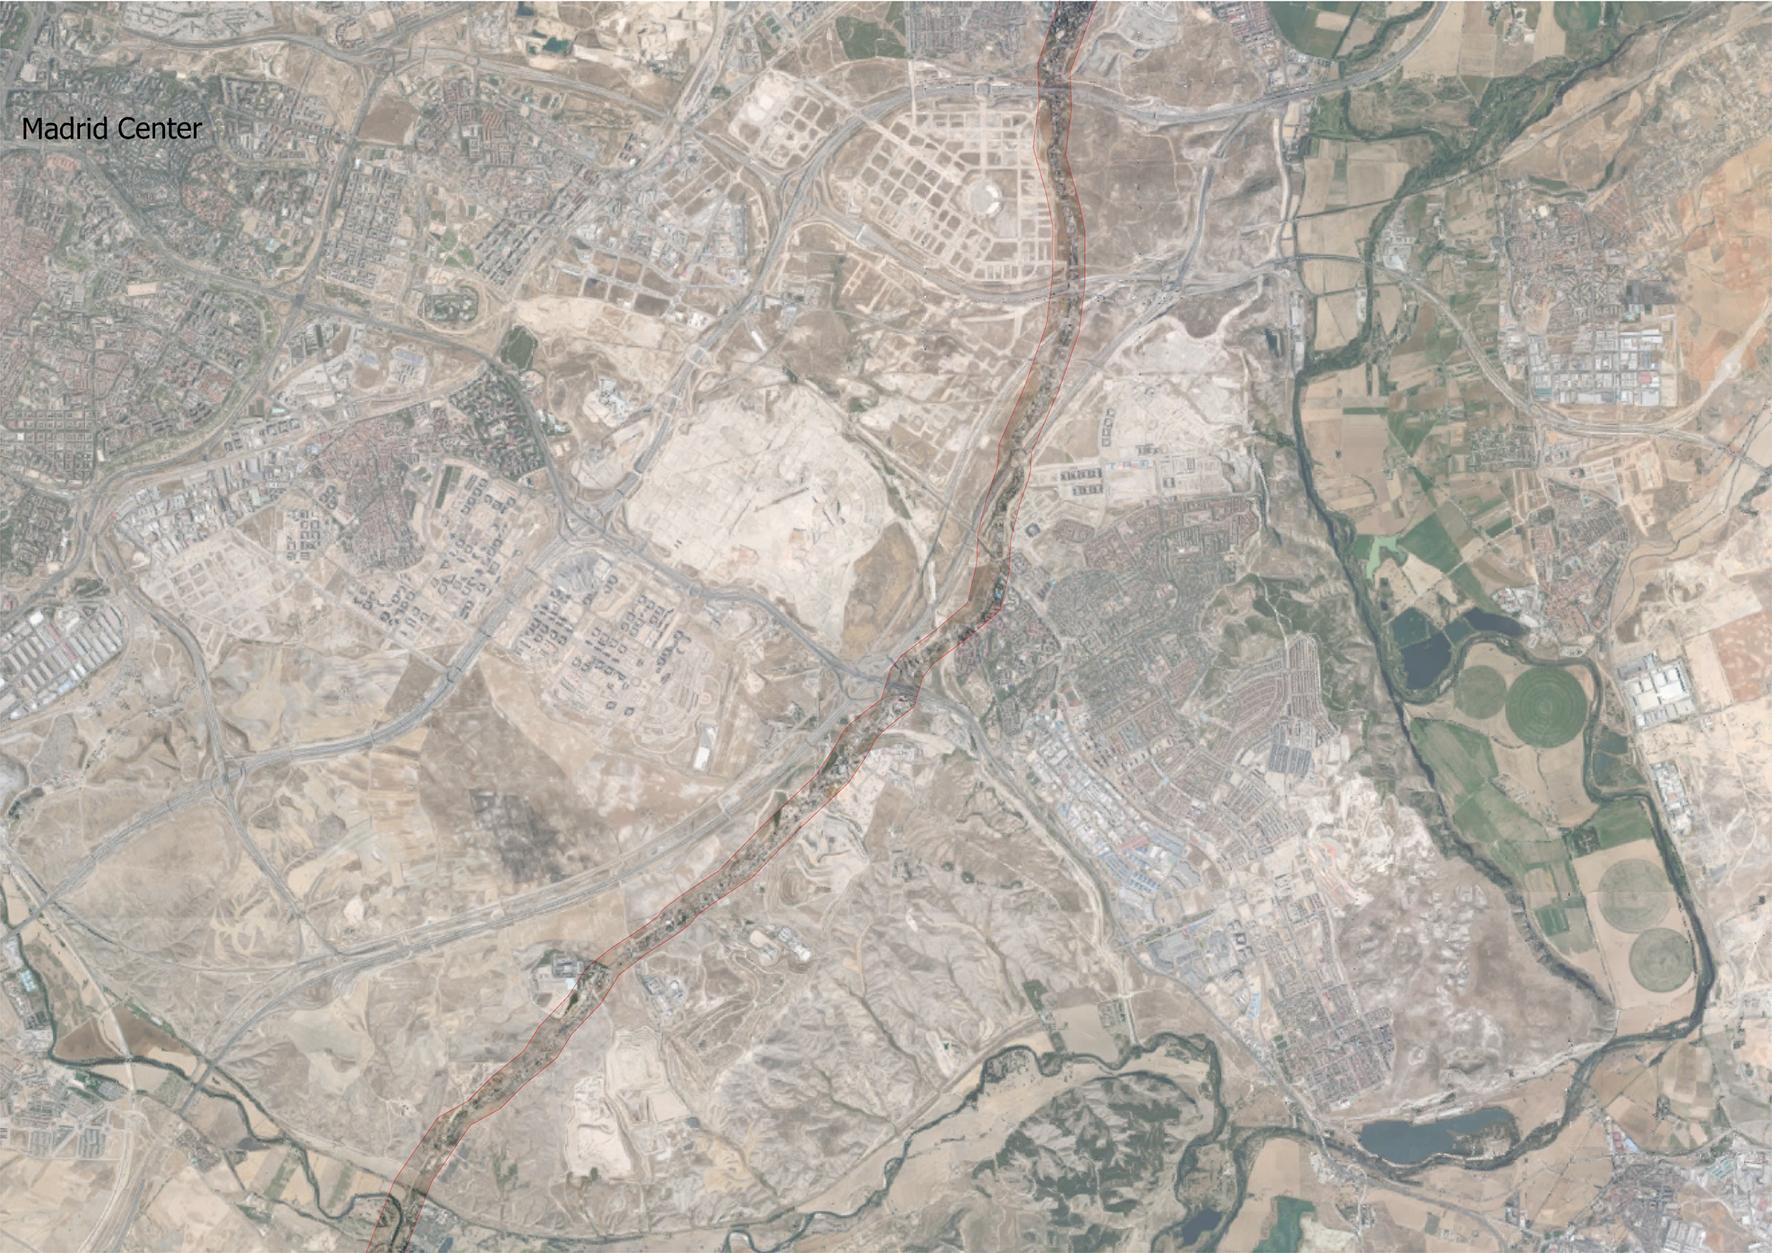 מפת הרצועה